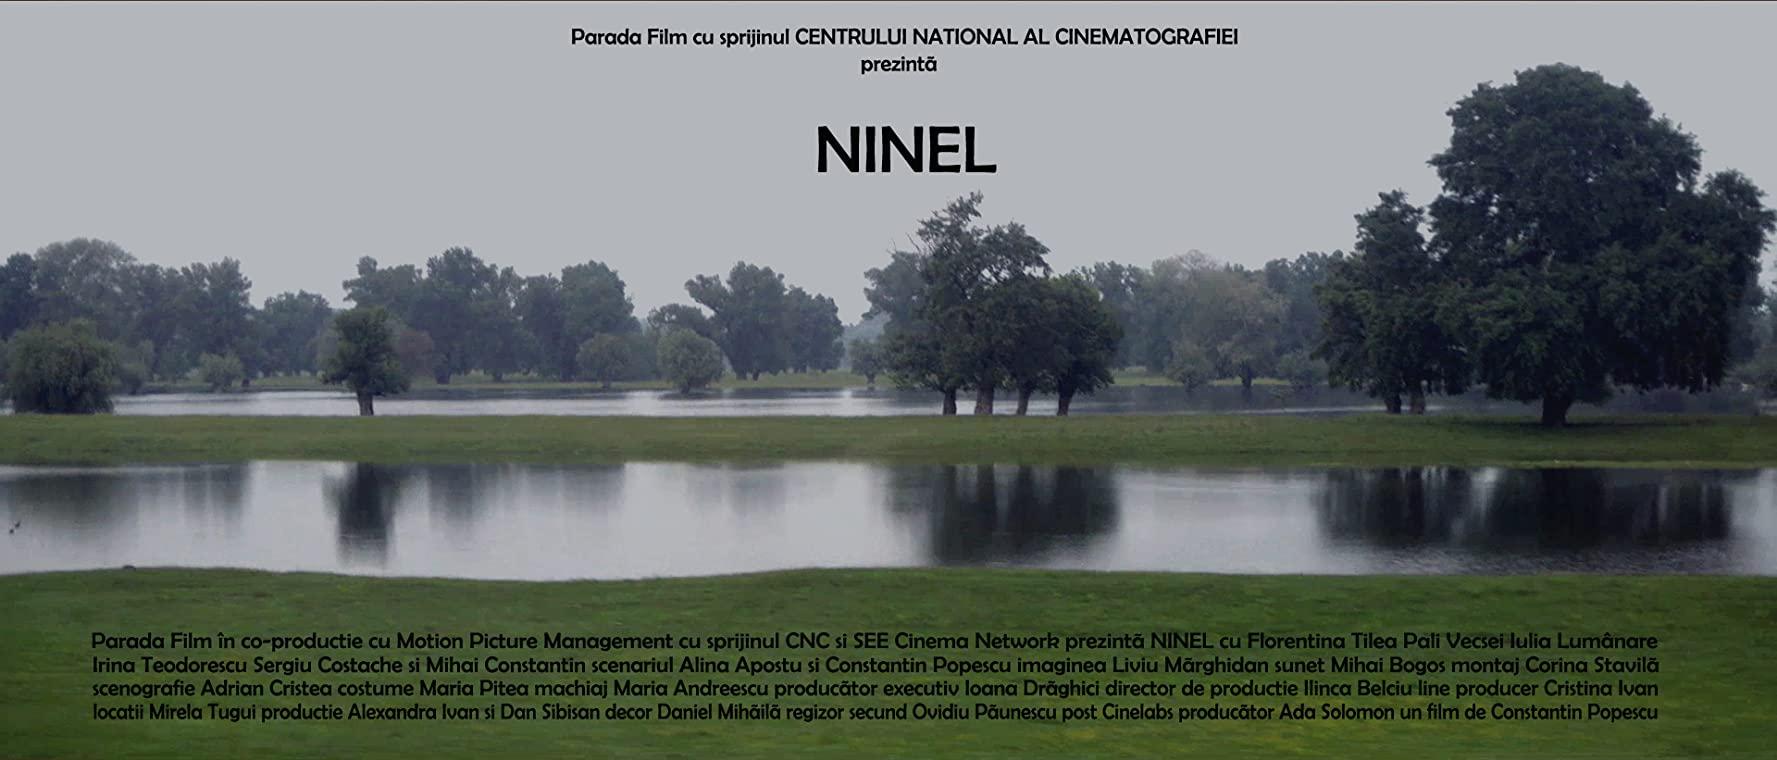 Ninel (2016) - Photo